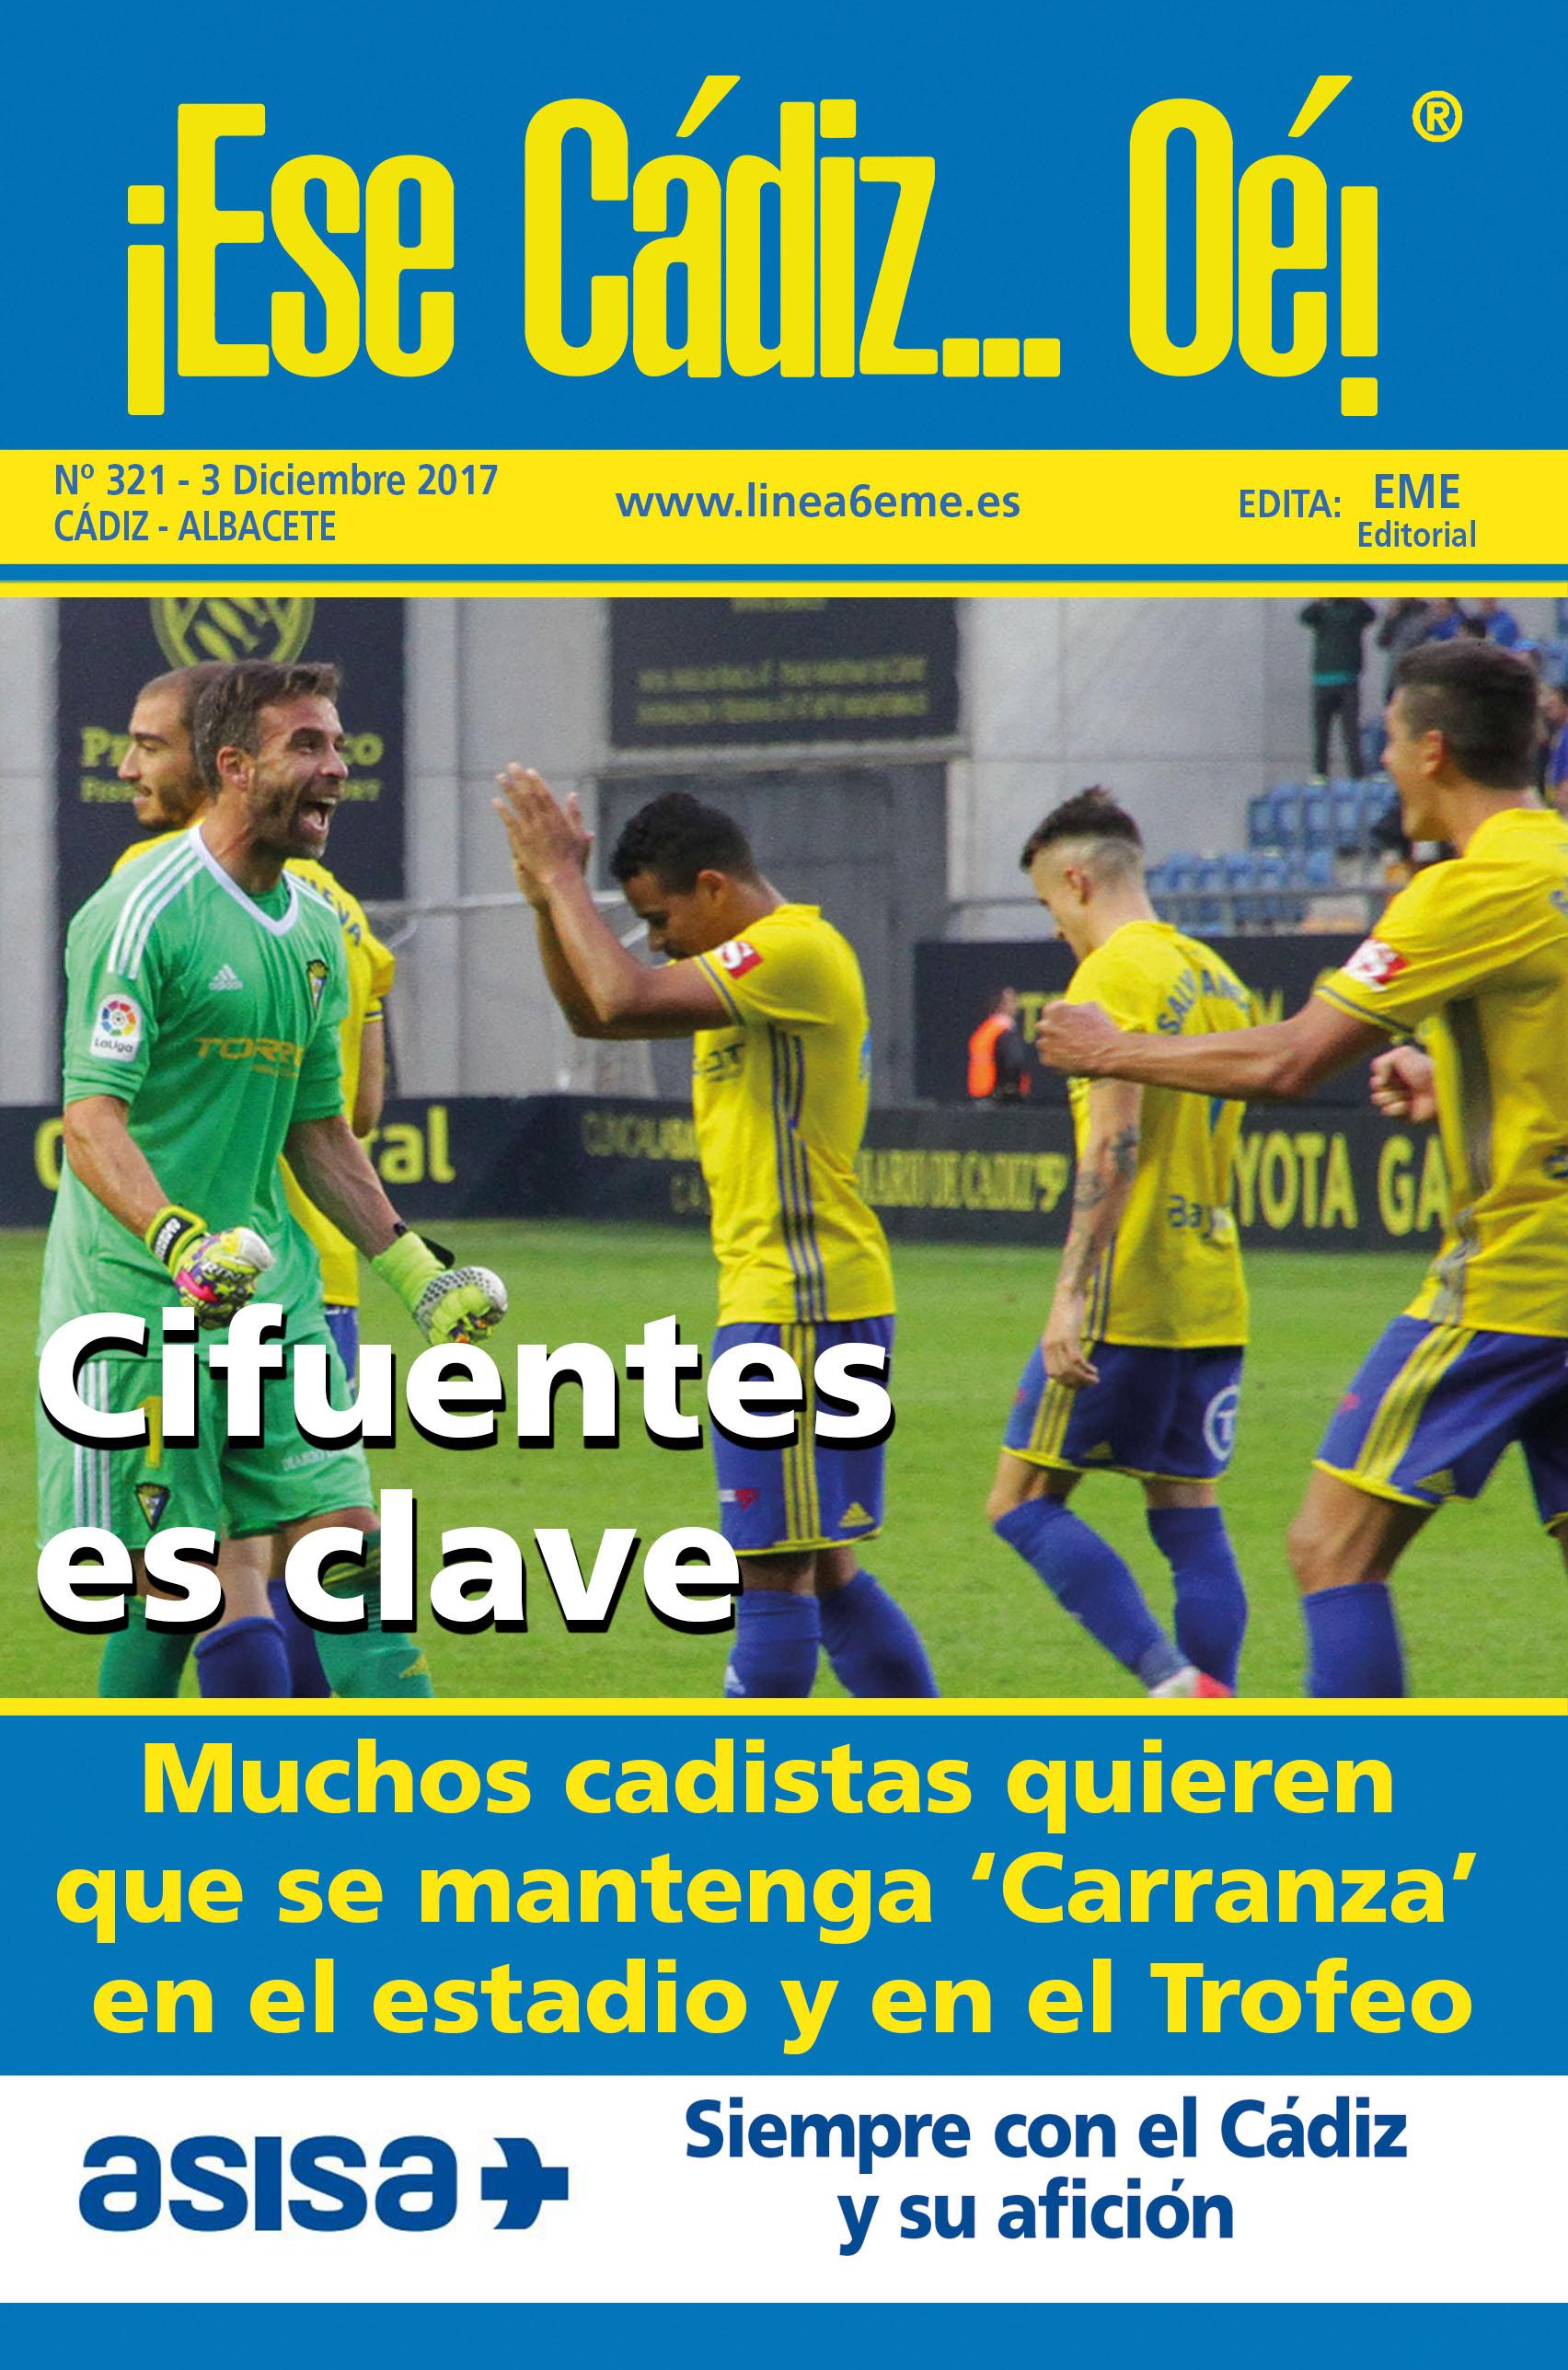 ¡Ese Cádiz…Oé! núm.321 Temporada 2017/18